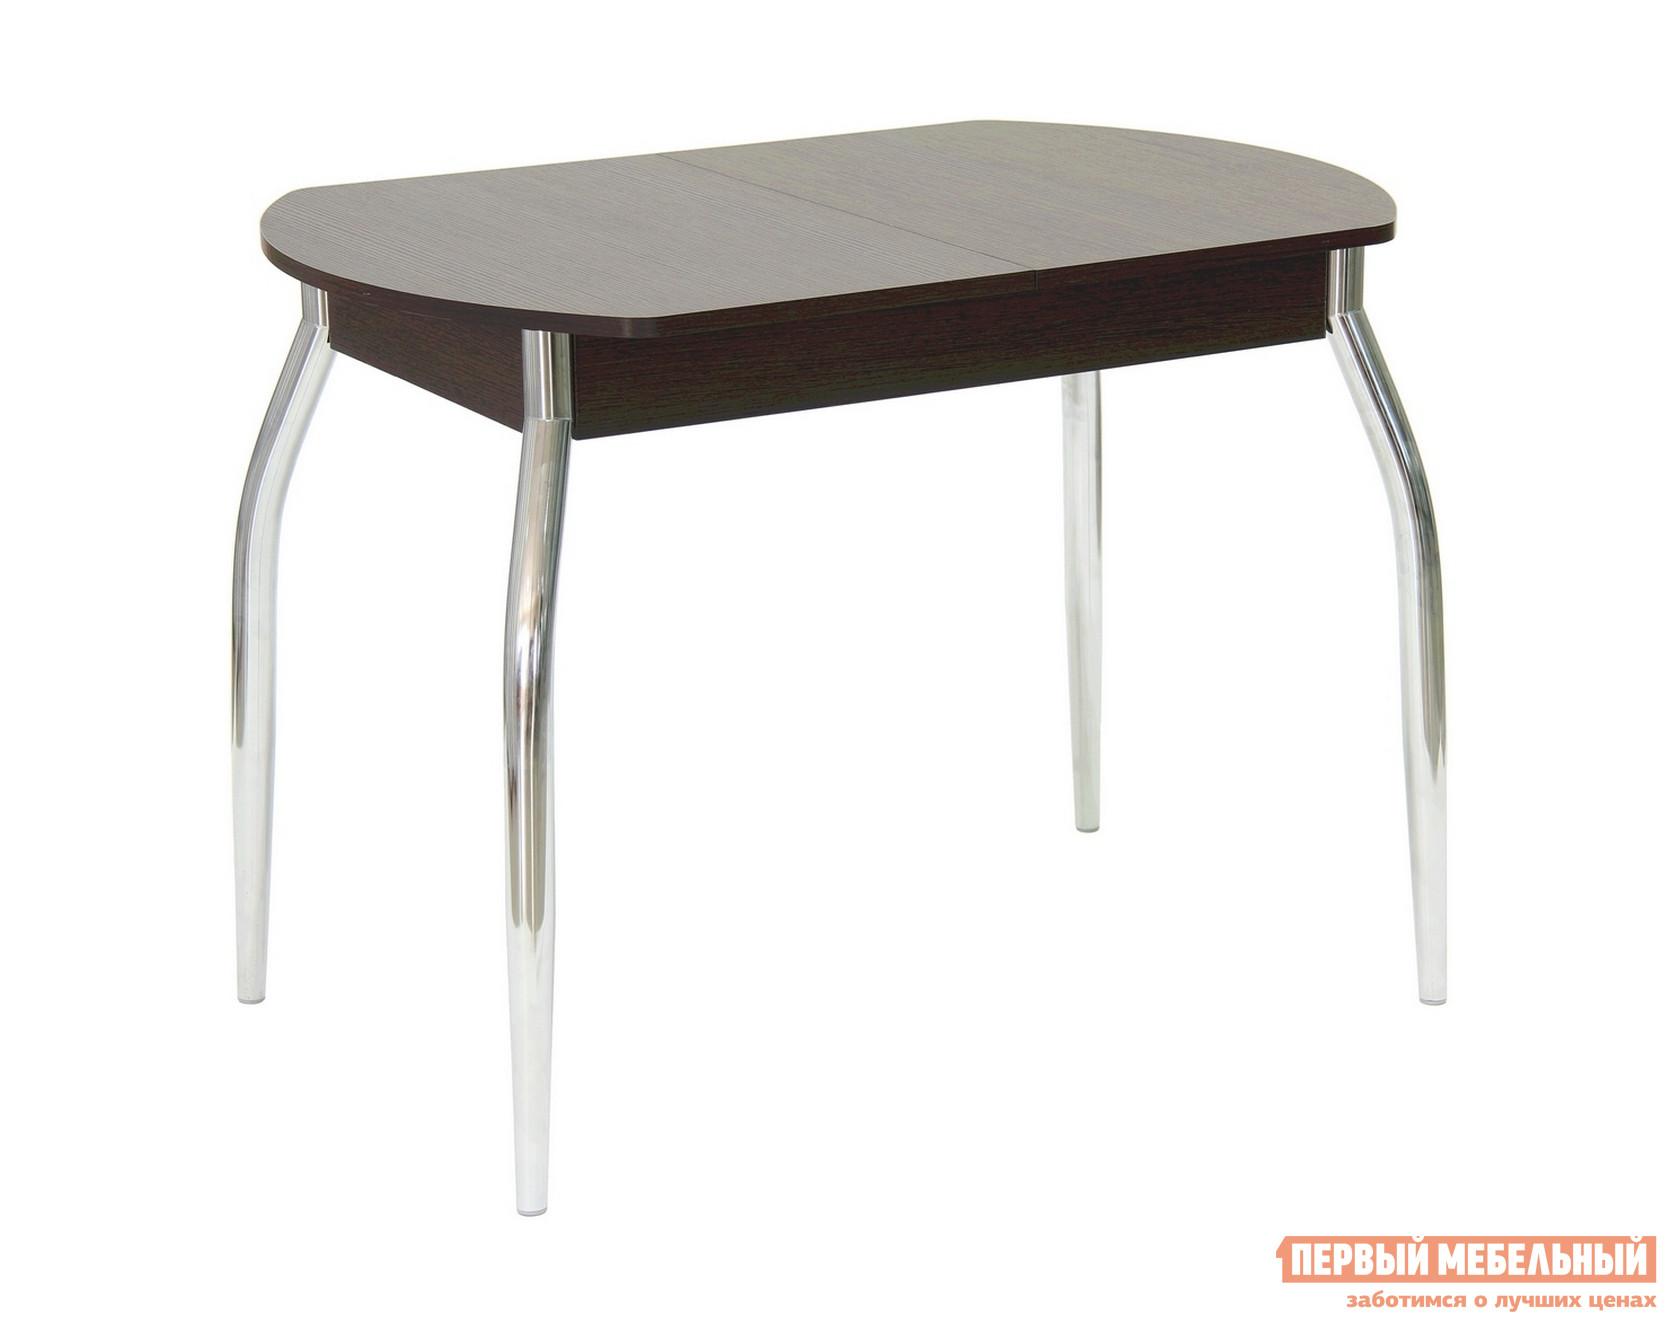 Обеденный стол Первый Мебельный Аризона 30349 30349